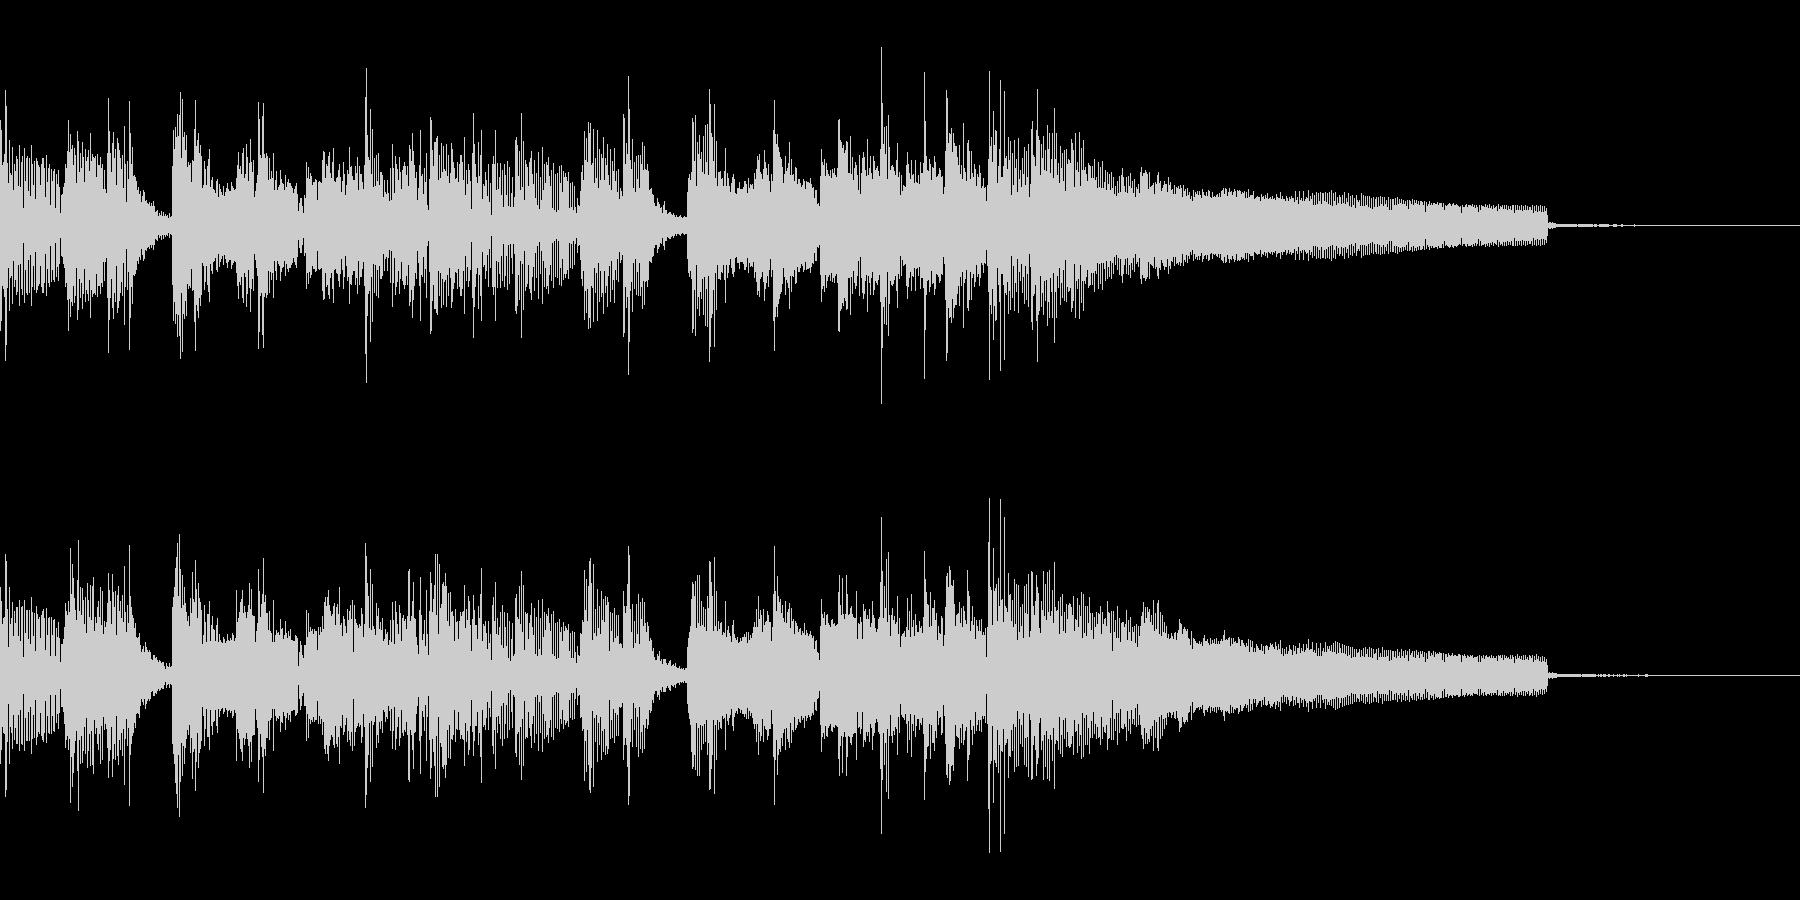 ジャズ風のおしゃれなラジオ向けジングルの未再生の波形